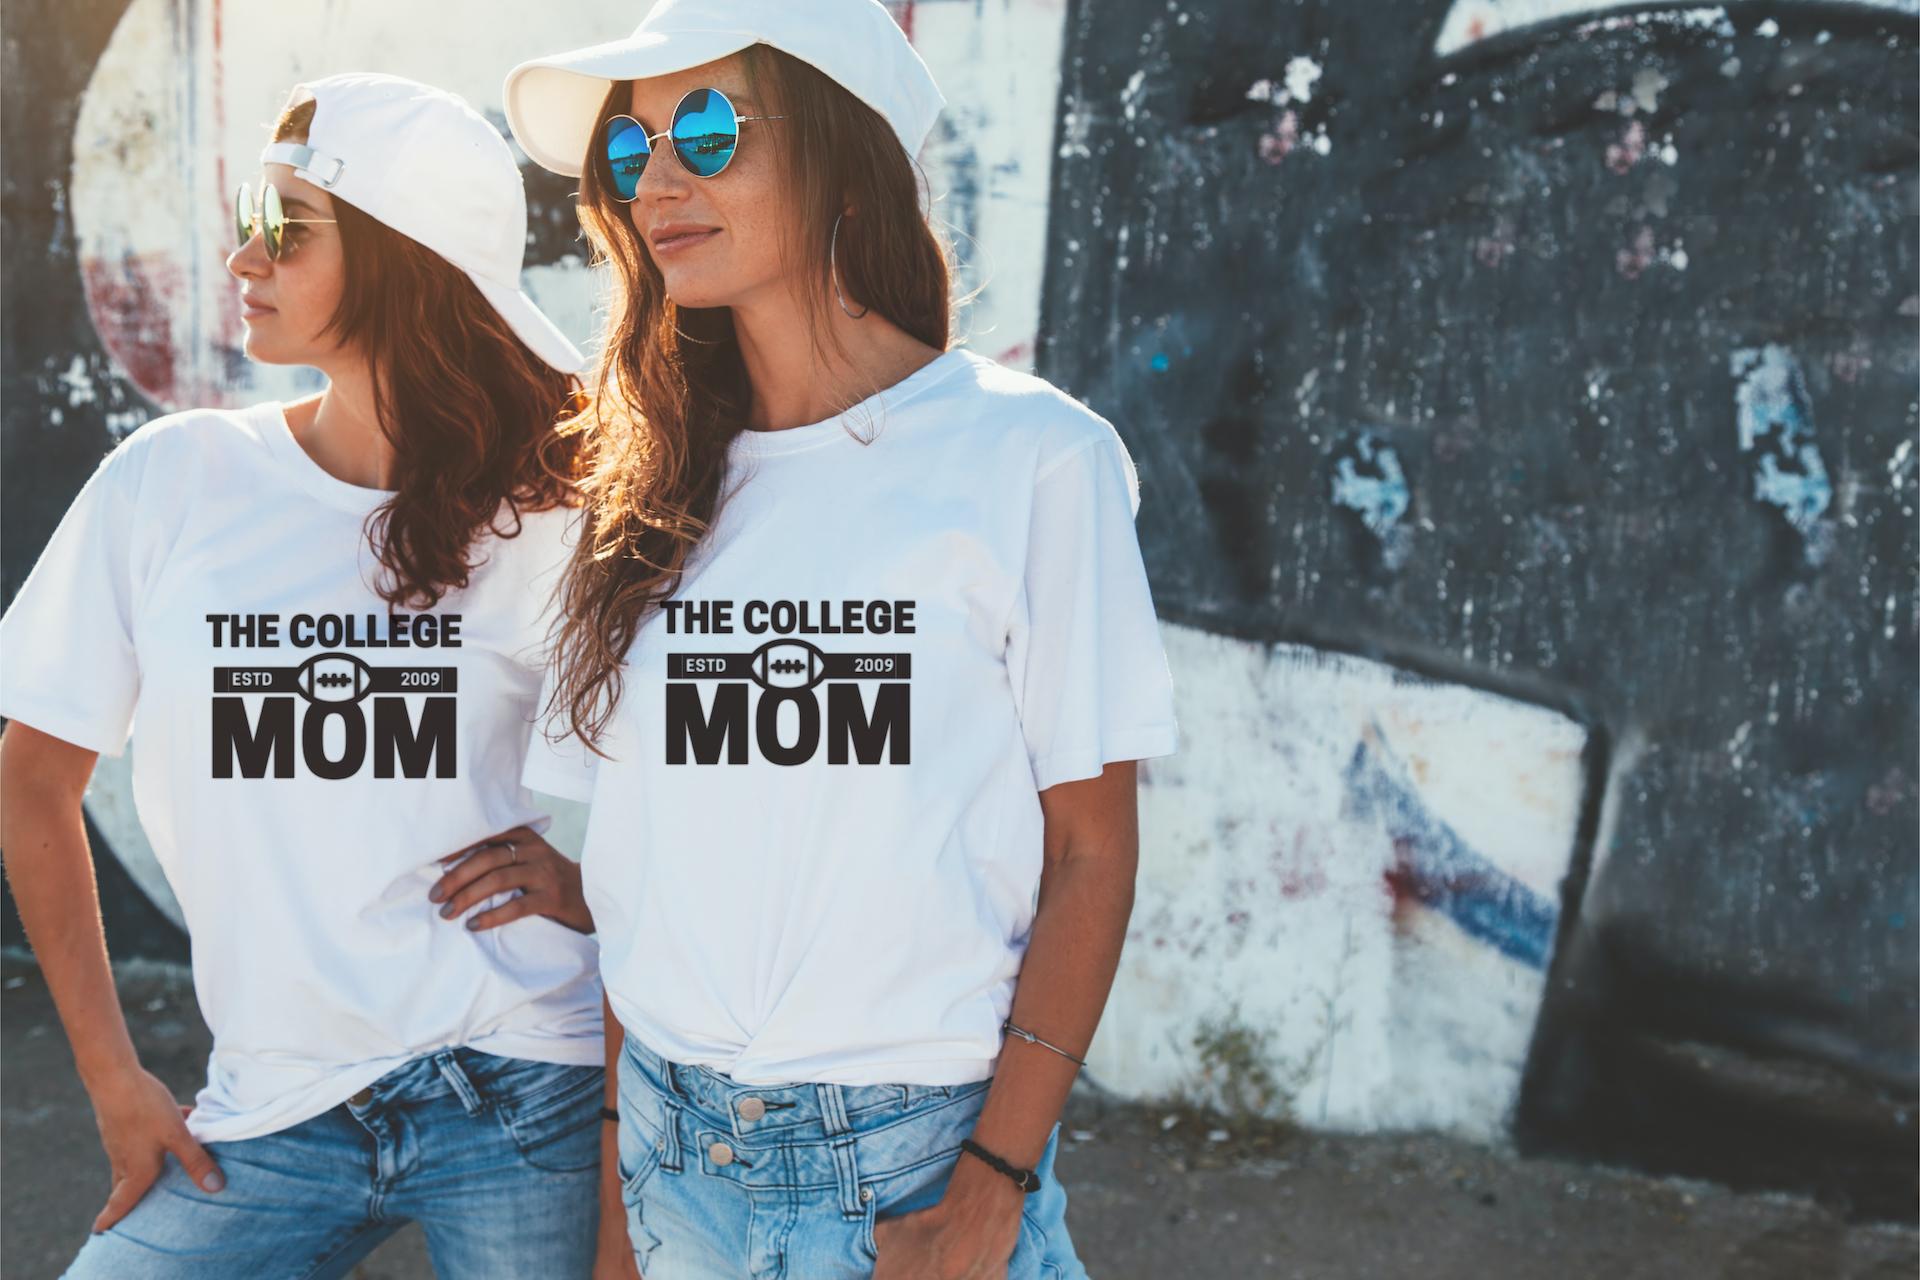 moms tshirt